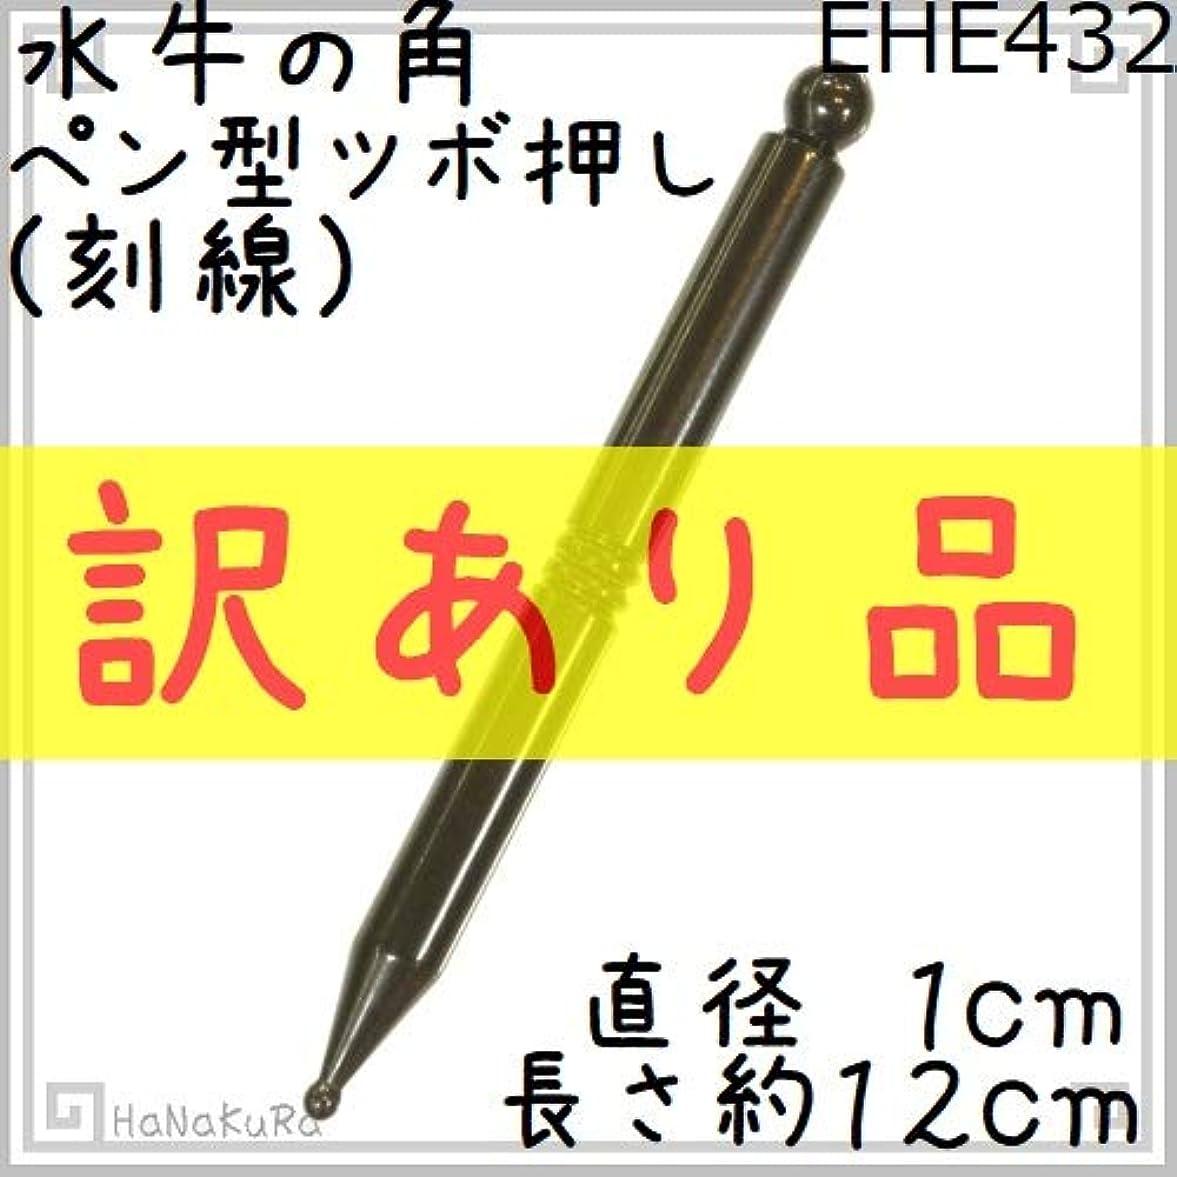 ピュー寛解ボリュームツボ押し 水牛の角 432 ペン型(刻線) 訳あり品